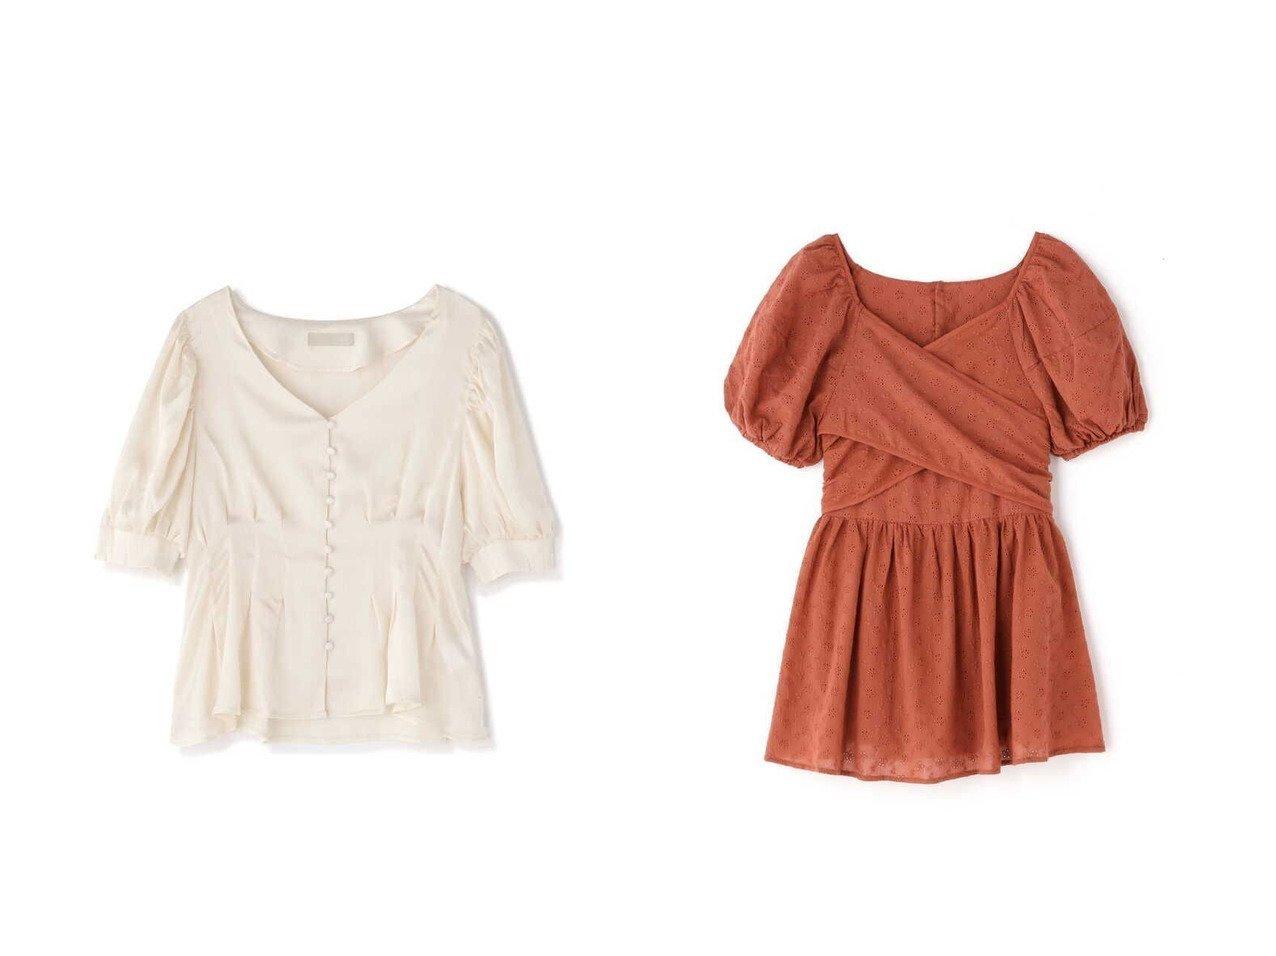 【FREE'S MART/フリーズマート】のエンブロイダリーバックリボンチュニックブラウス&ウエストタック楊柳ブラウス 【プチプライス・低価格】おすすめ!人気、トレンド・レディースファッションの通販 おすすめで人気の流行・トレンド、ファッションの通販商品 インテリア・家具・メンズファッション・キッズファッション・レディースファッション・服の通販 founy(ファニー) https://founy.com/ ファッション Fashion レディースファッション WOMEN トップス・カットソー Tops/Tshirt シャツ/ブラウス Shirts/Blouses スリーブ デコルテ フロント リボン レース おすすめ Recommend エンブロイダリー シェイプ チュニック 今季 夏 Summer |ID:crp329100000059390